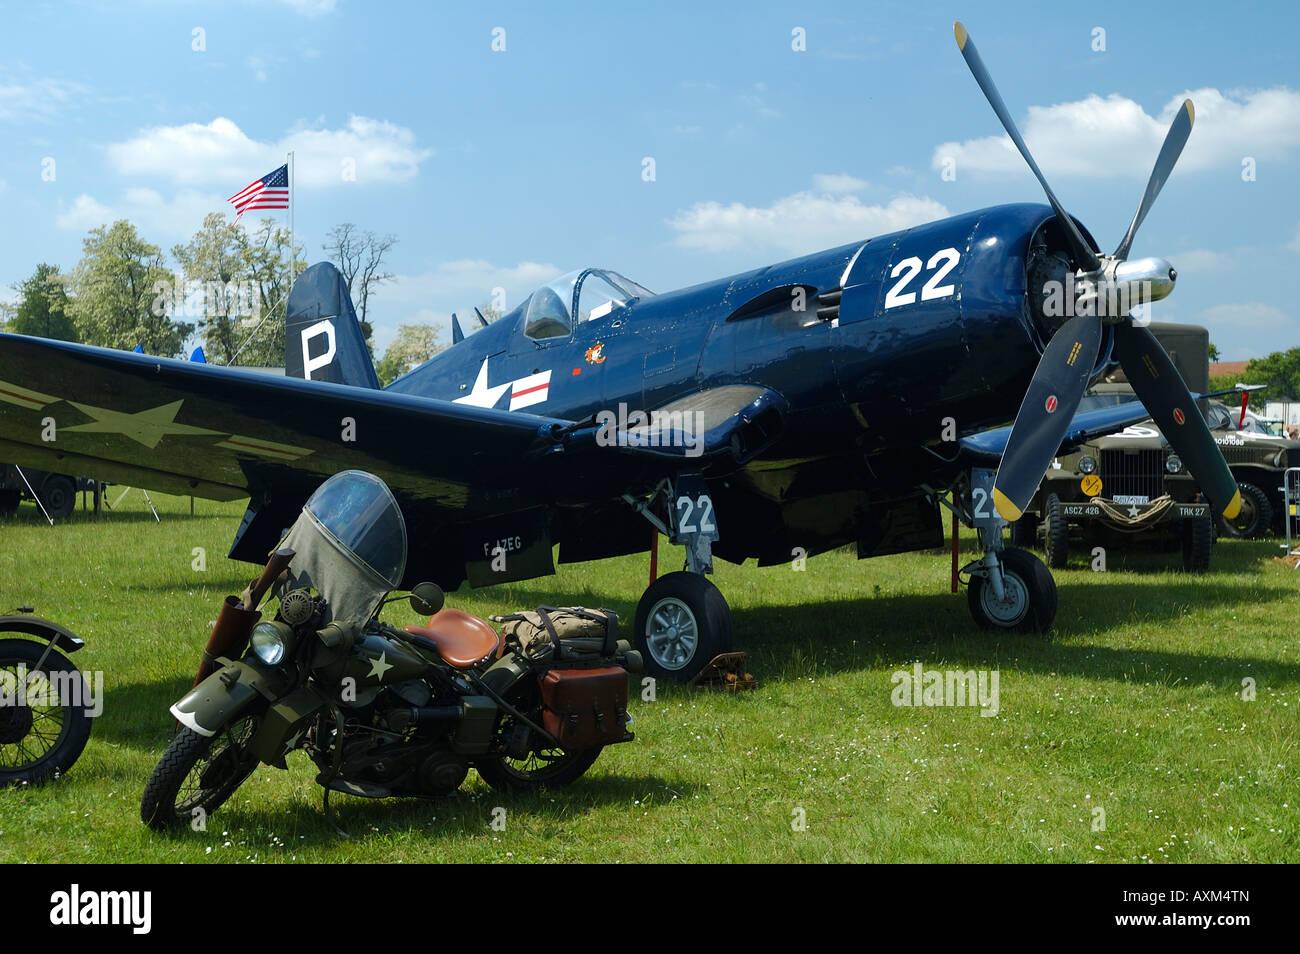 La deuxi me guerre mondiale un porte avion de chasse chance vought f4u corsair fran ais - Deuxieme porte avion francais ...